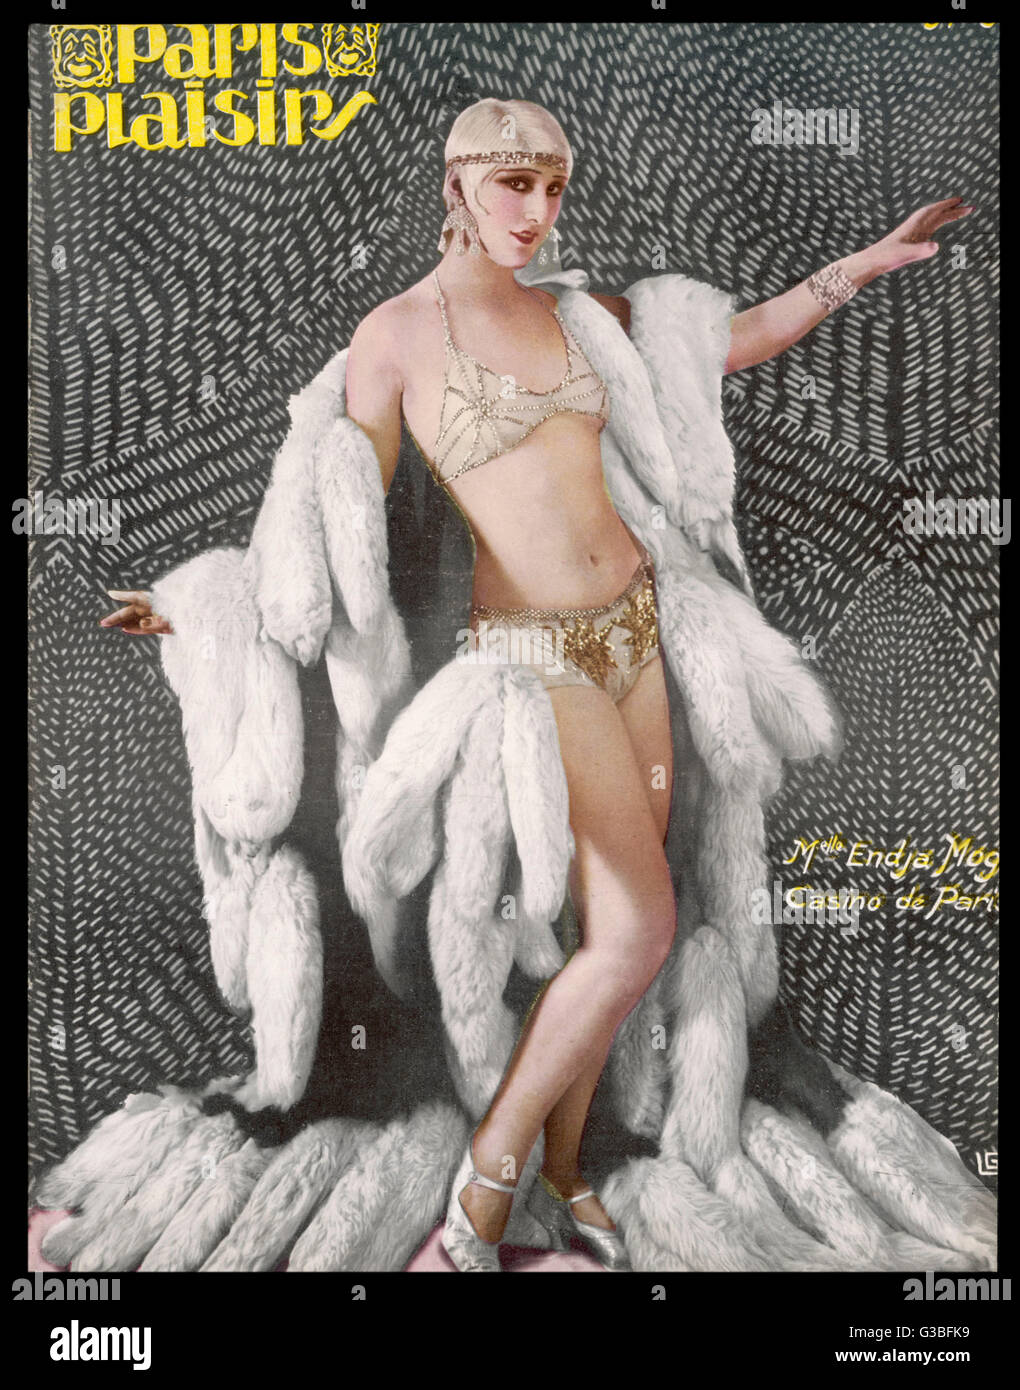 739301860f9e5 Woman Fur Bikini Stock Photos   Woman Fur Bikini Stock Images - Alamy